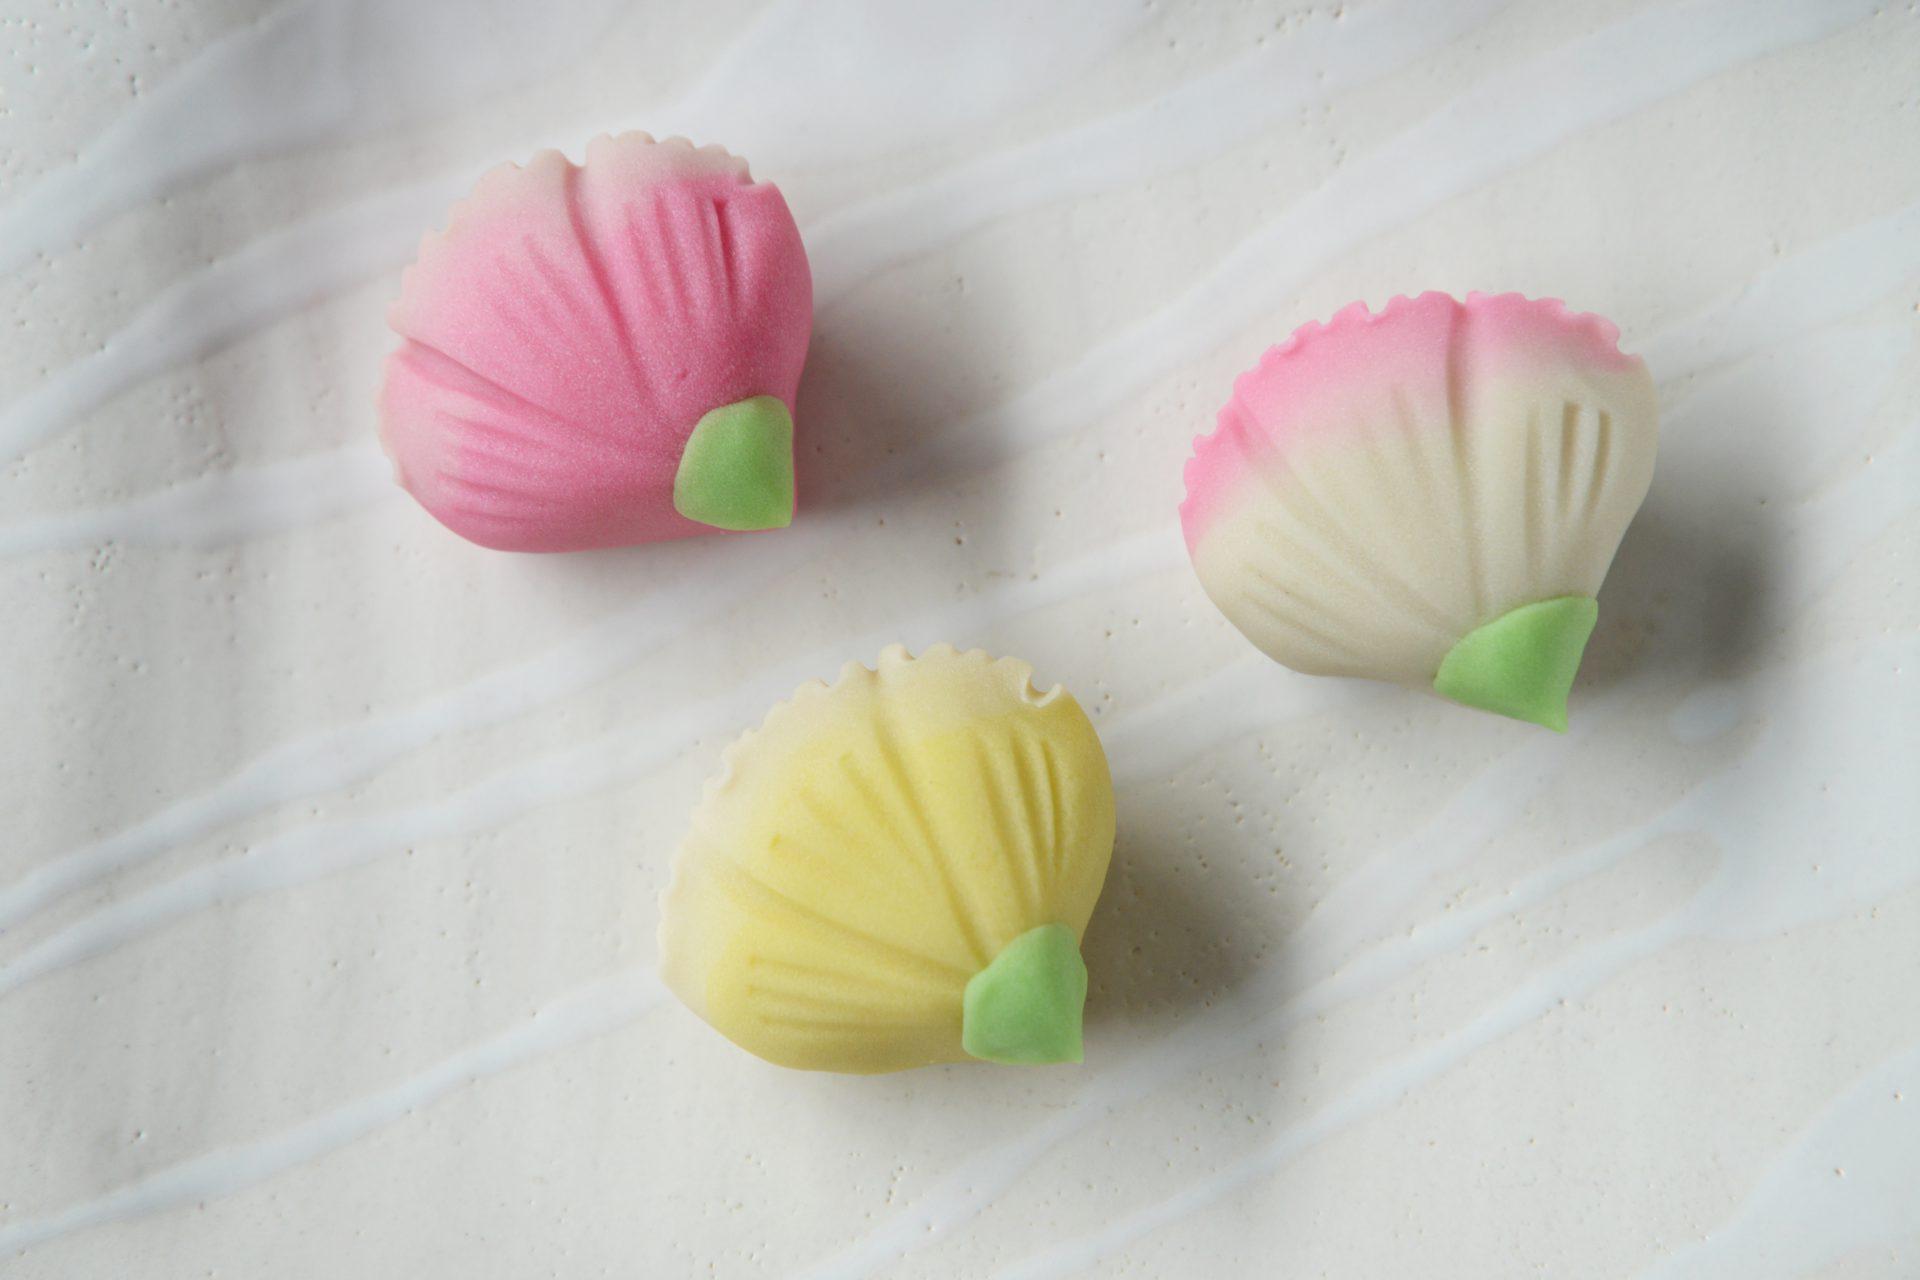 自宅で作る上生菓子キット「母の日 カーネーション」